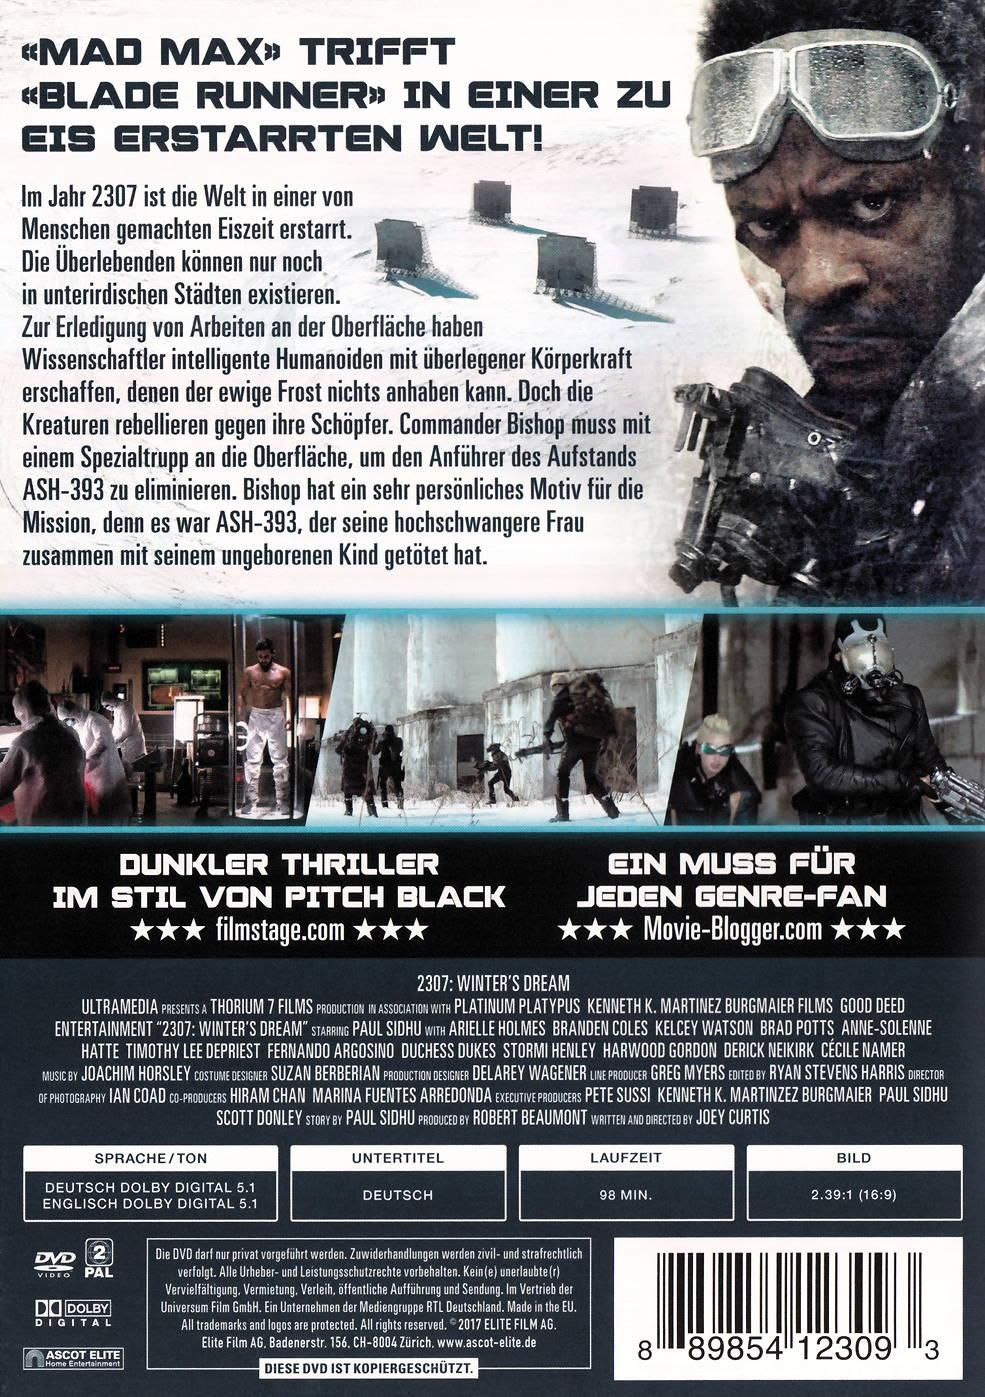 film humanoid der letzte kampf der menschheit auf dvd oder blu ray kaufen moviesale die. Black Bedroom Furniture Sets. Home Design Ideas